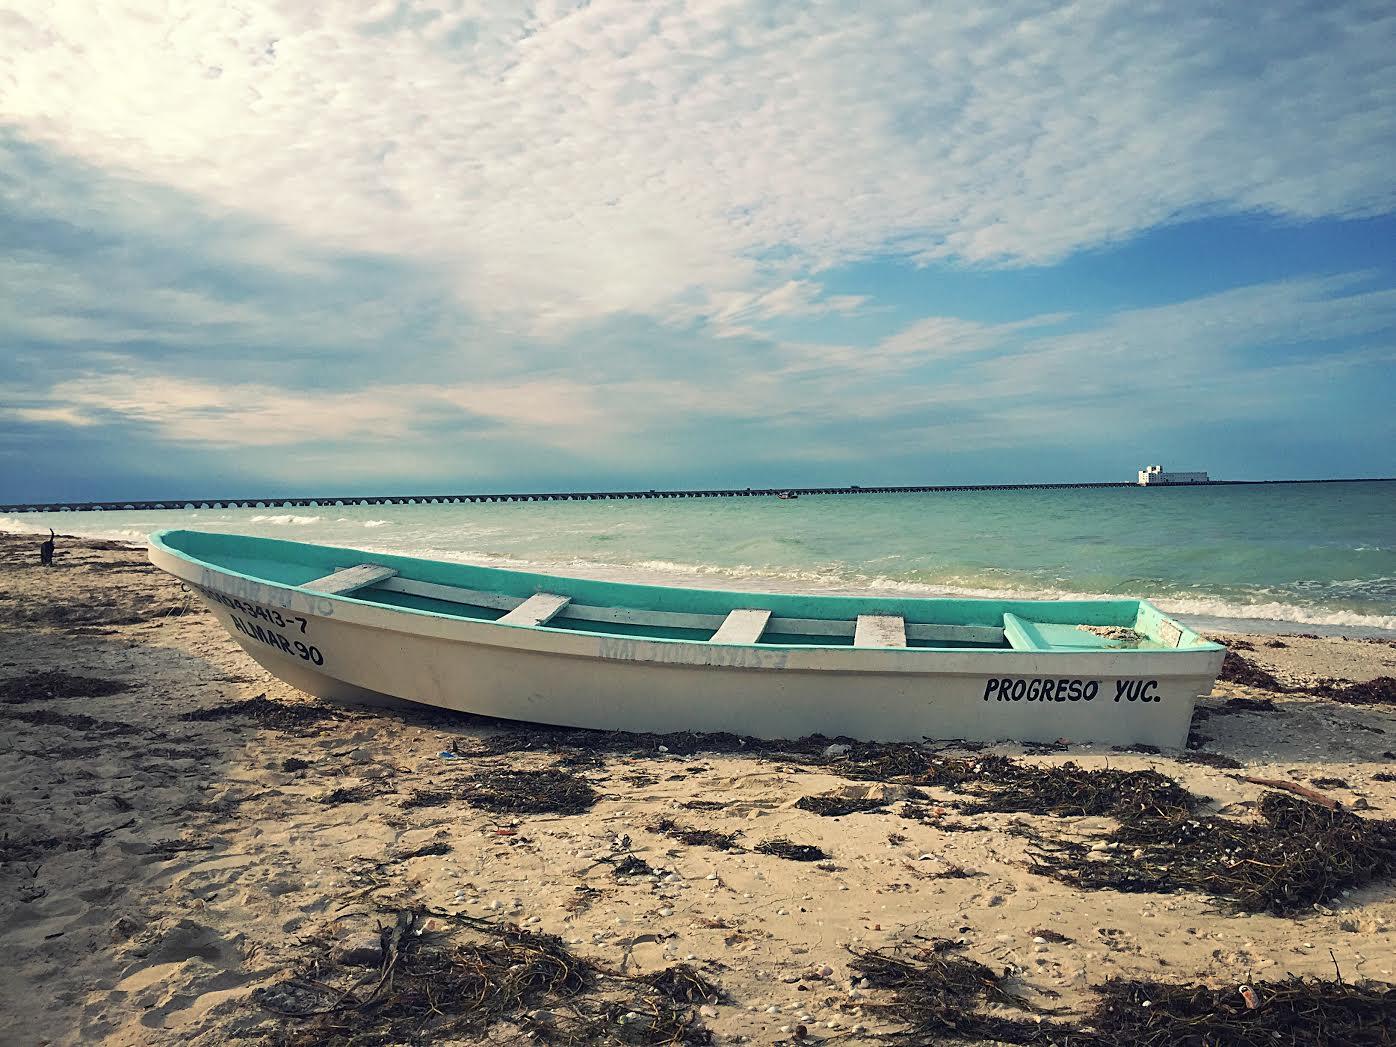 Progreso-Yucatan